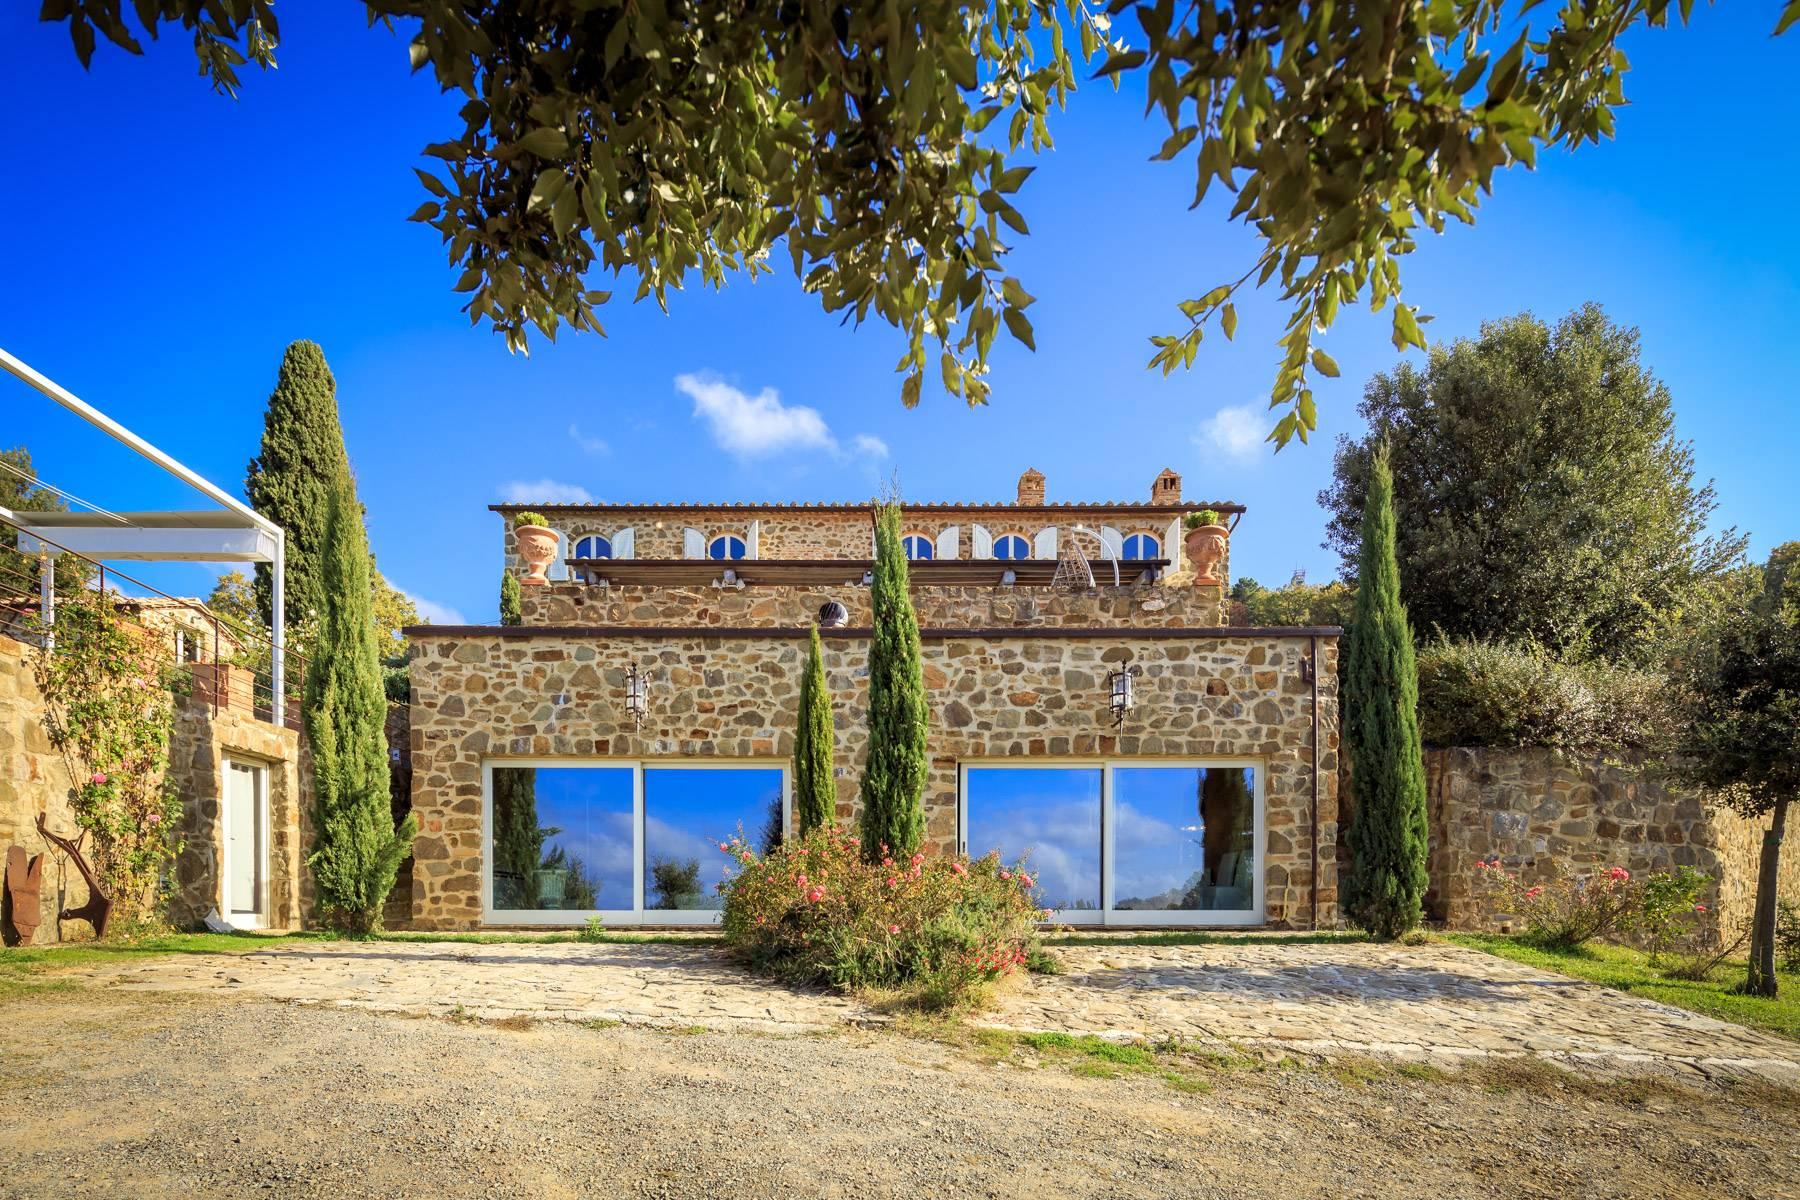 Rustico in Vendita a Montalcino: 5 locali, 300 mq - Foto 2